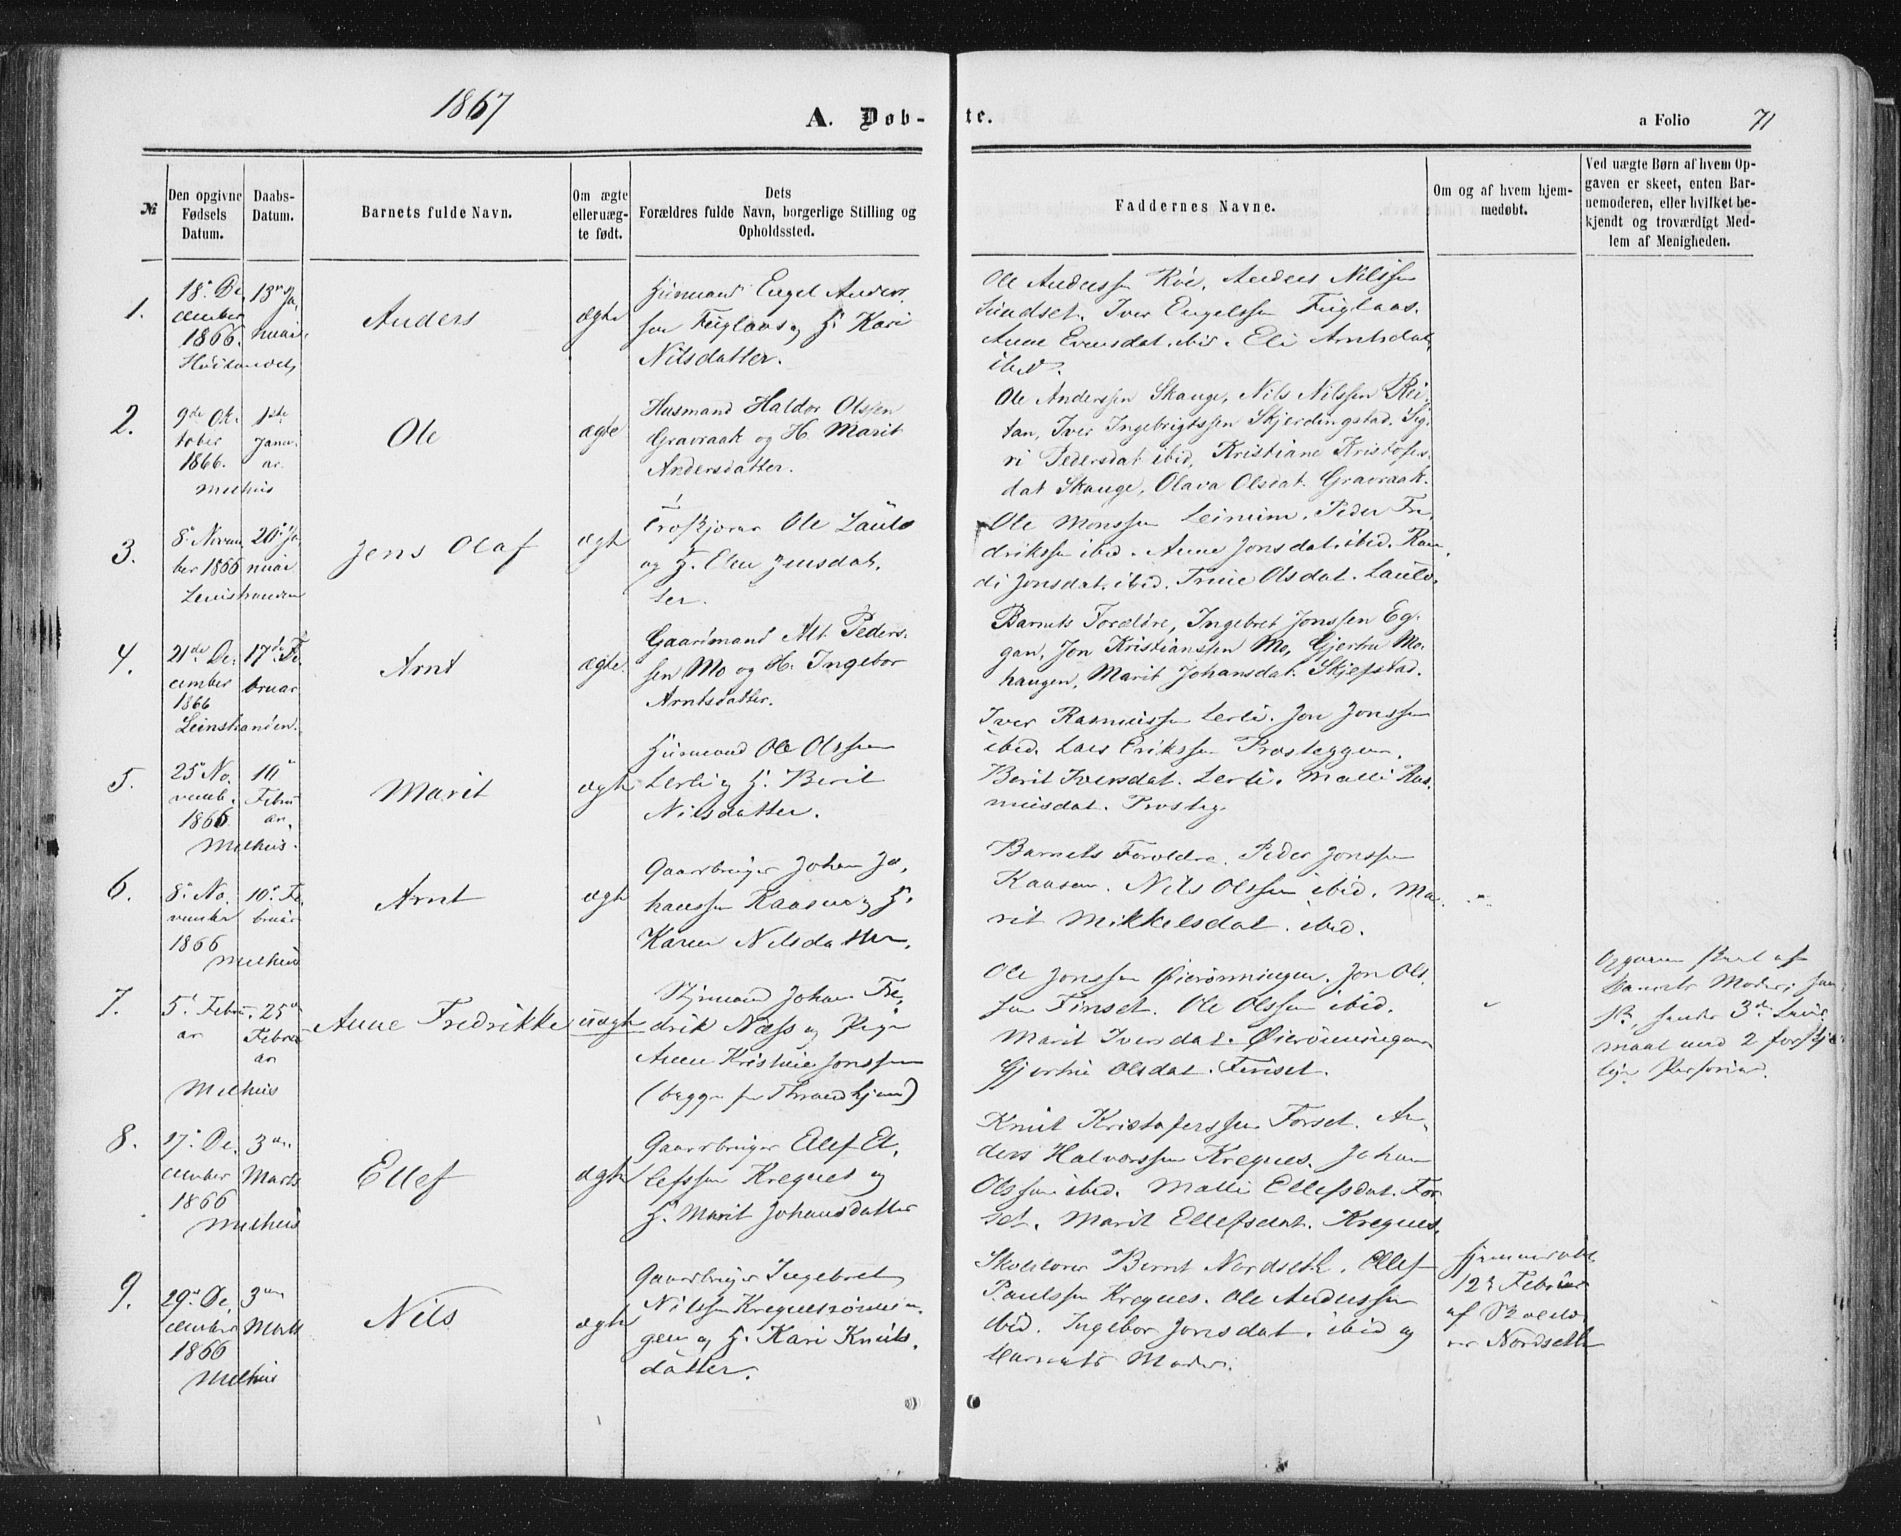 SAT, Ministerialprotokoller, klokkerbøker og fødselsregistre - Sør-Trøndelag, 691/L1077: Ministerialbok nr. 691A09, 1862-1873, s. 71